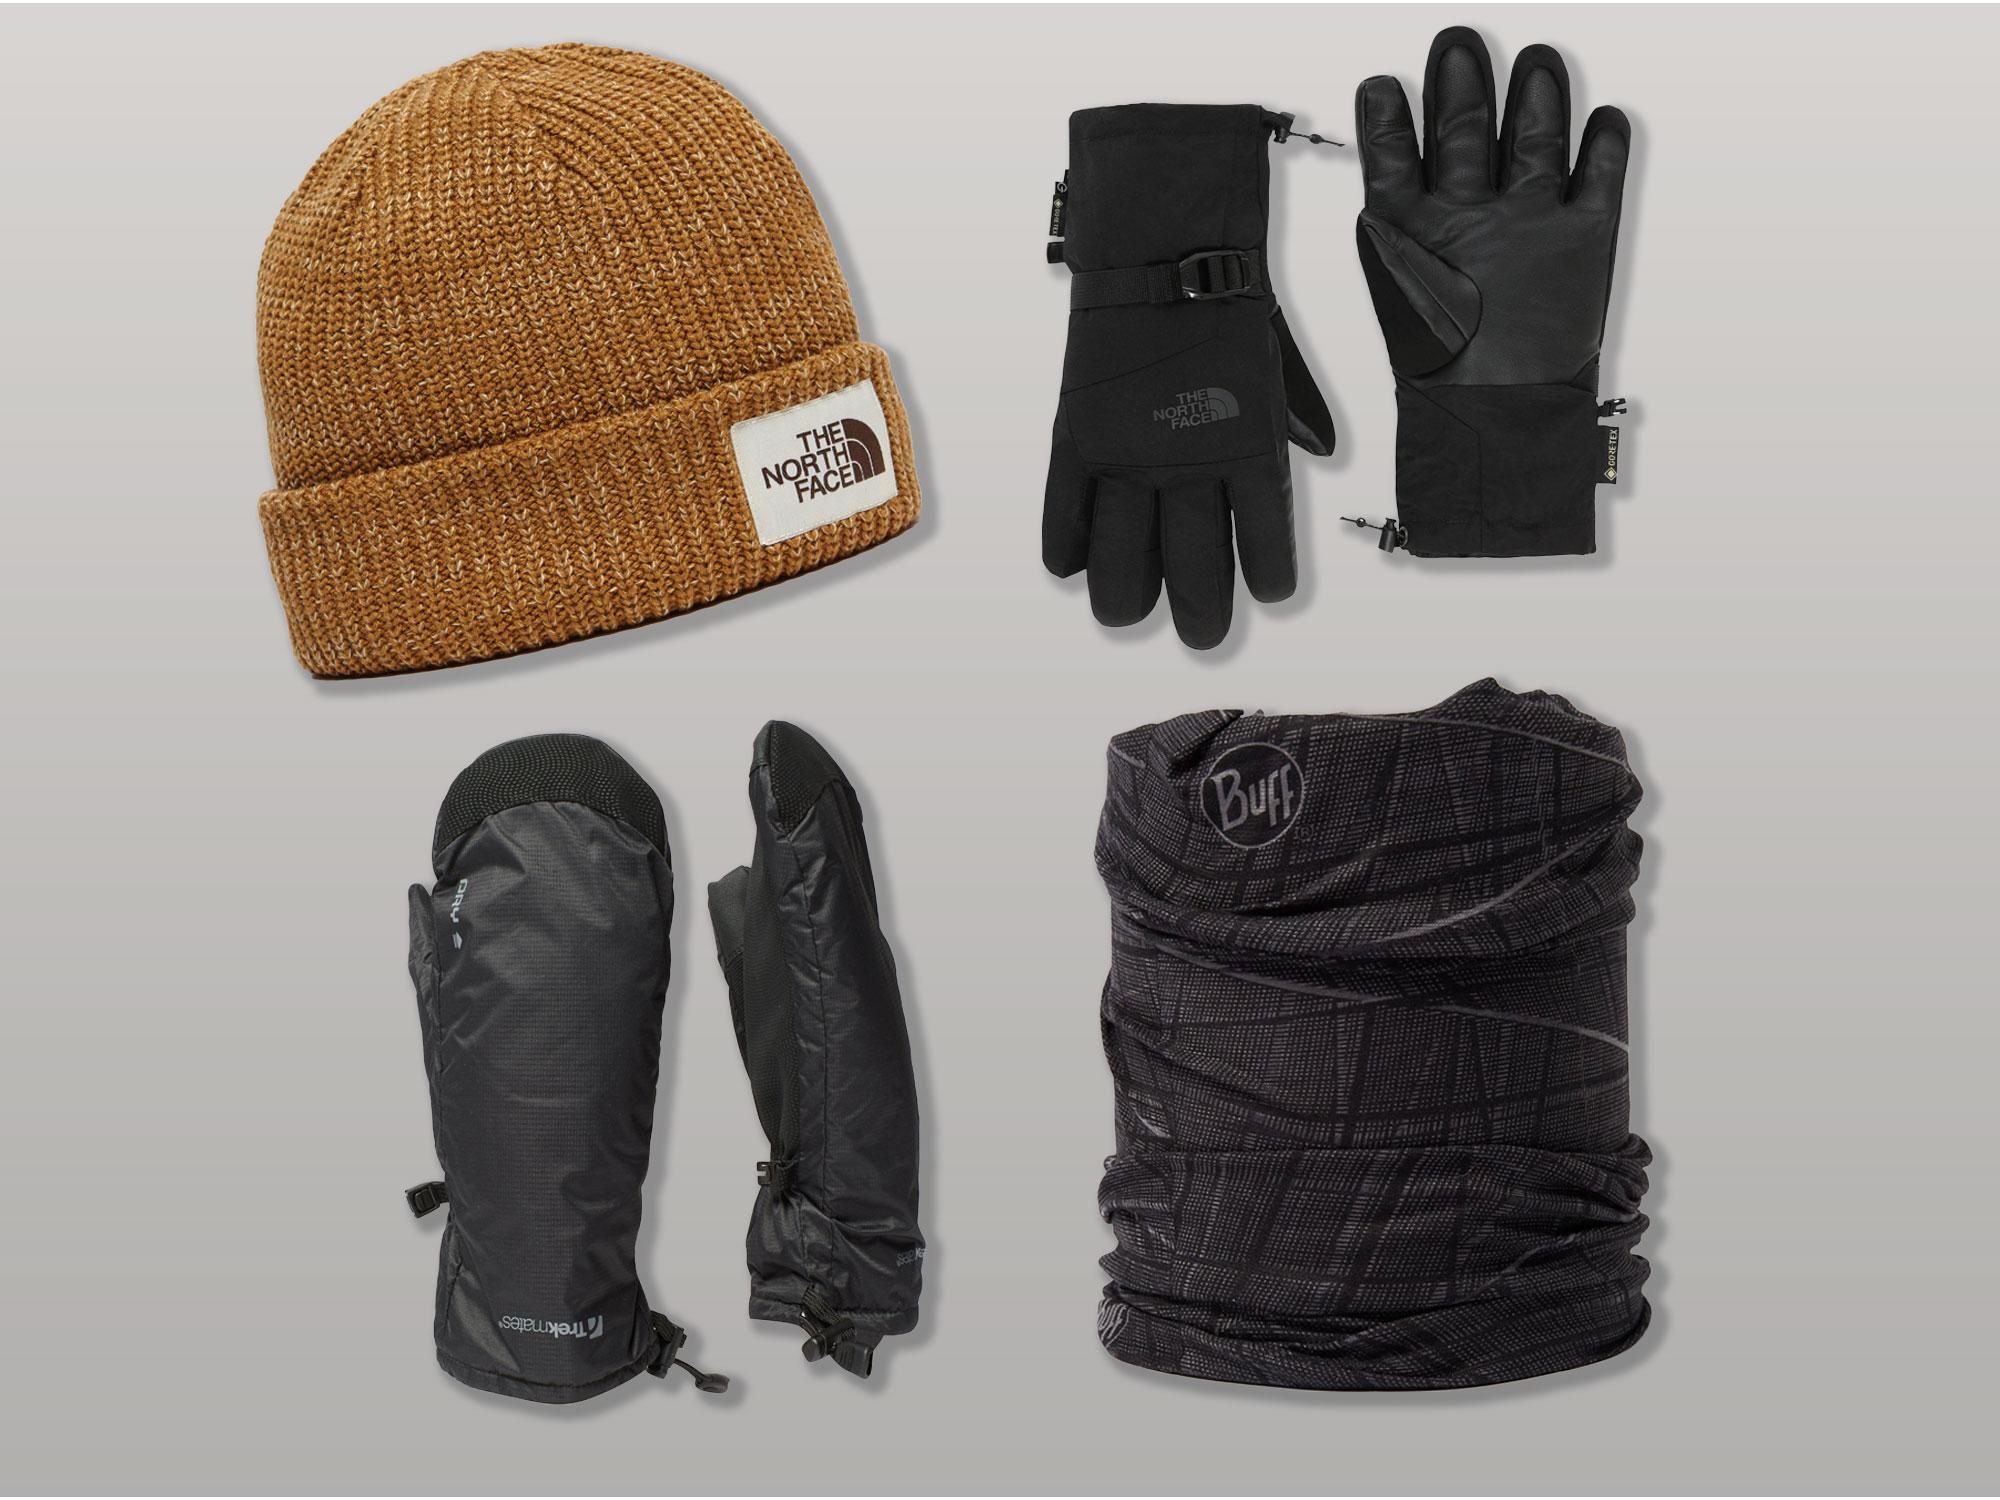 Neck Gaiter Gloves Beanie